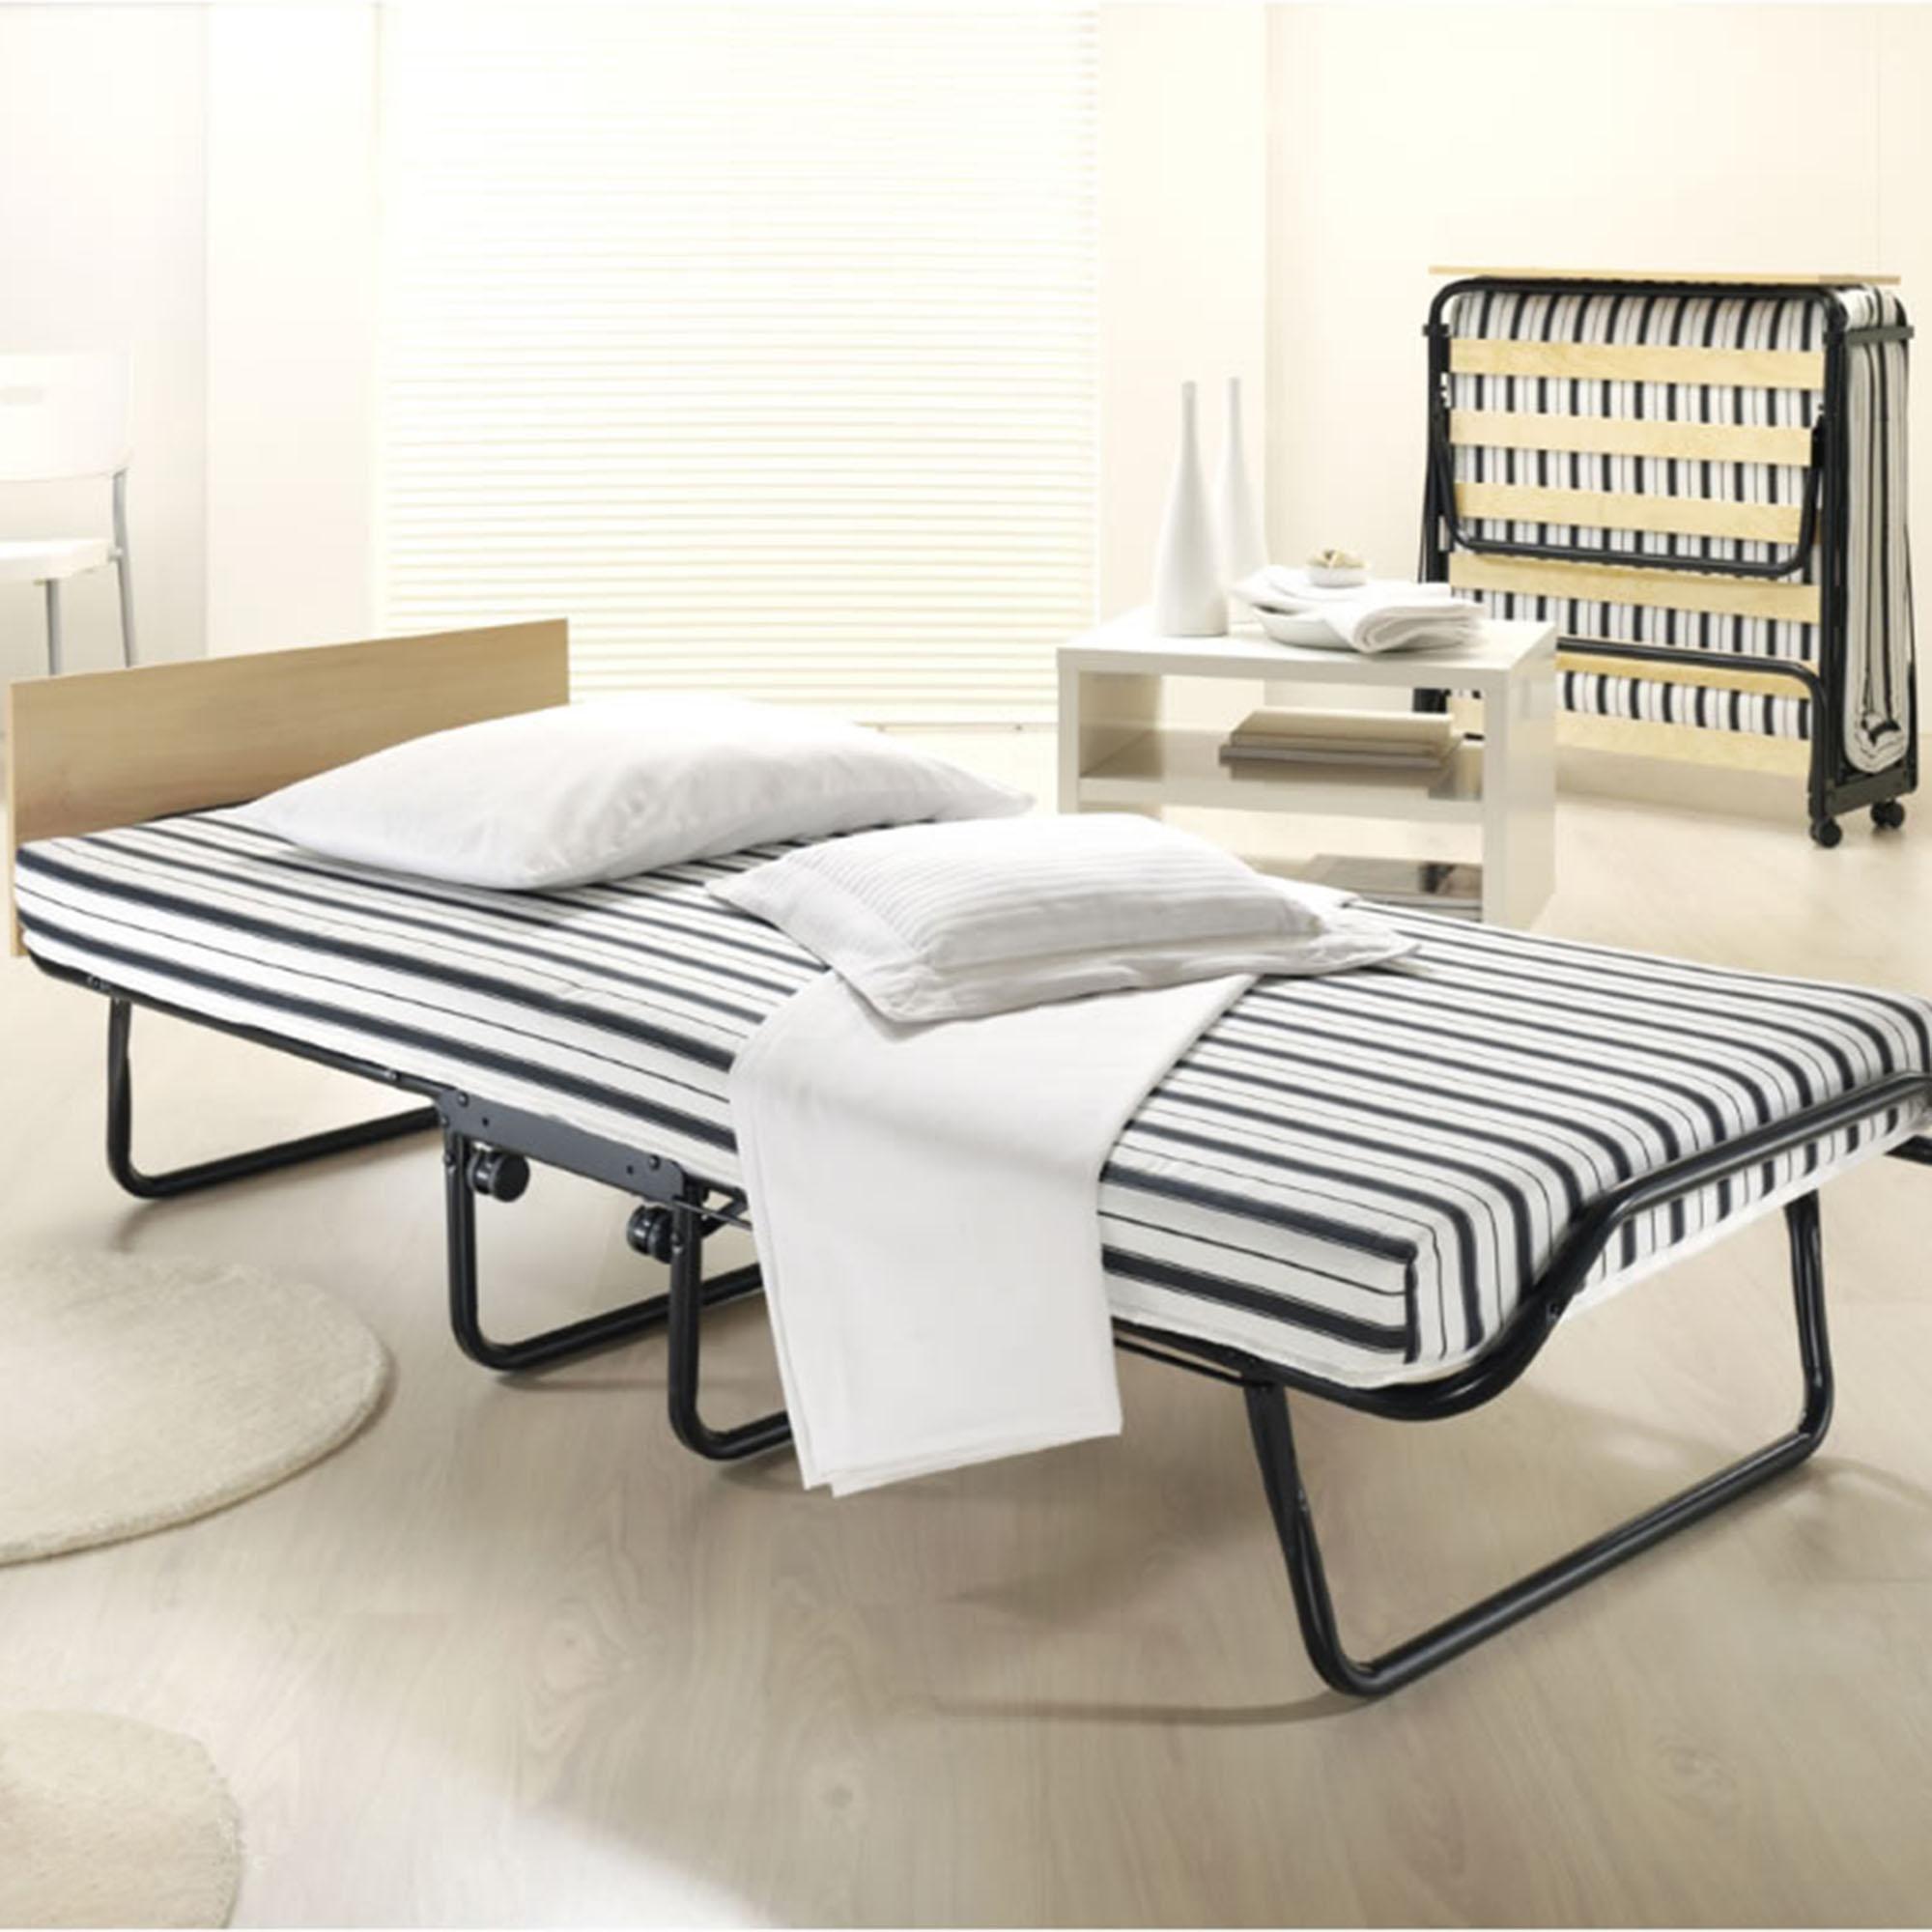 Jubilee Airflow Folding Bed In 2020 Folding Guest Bed Folding